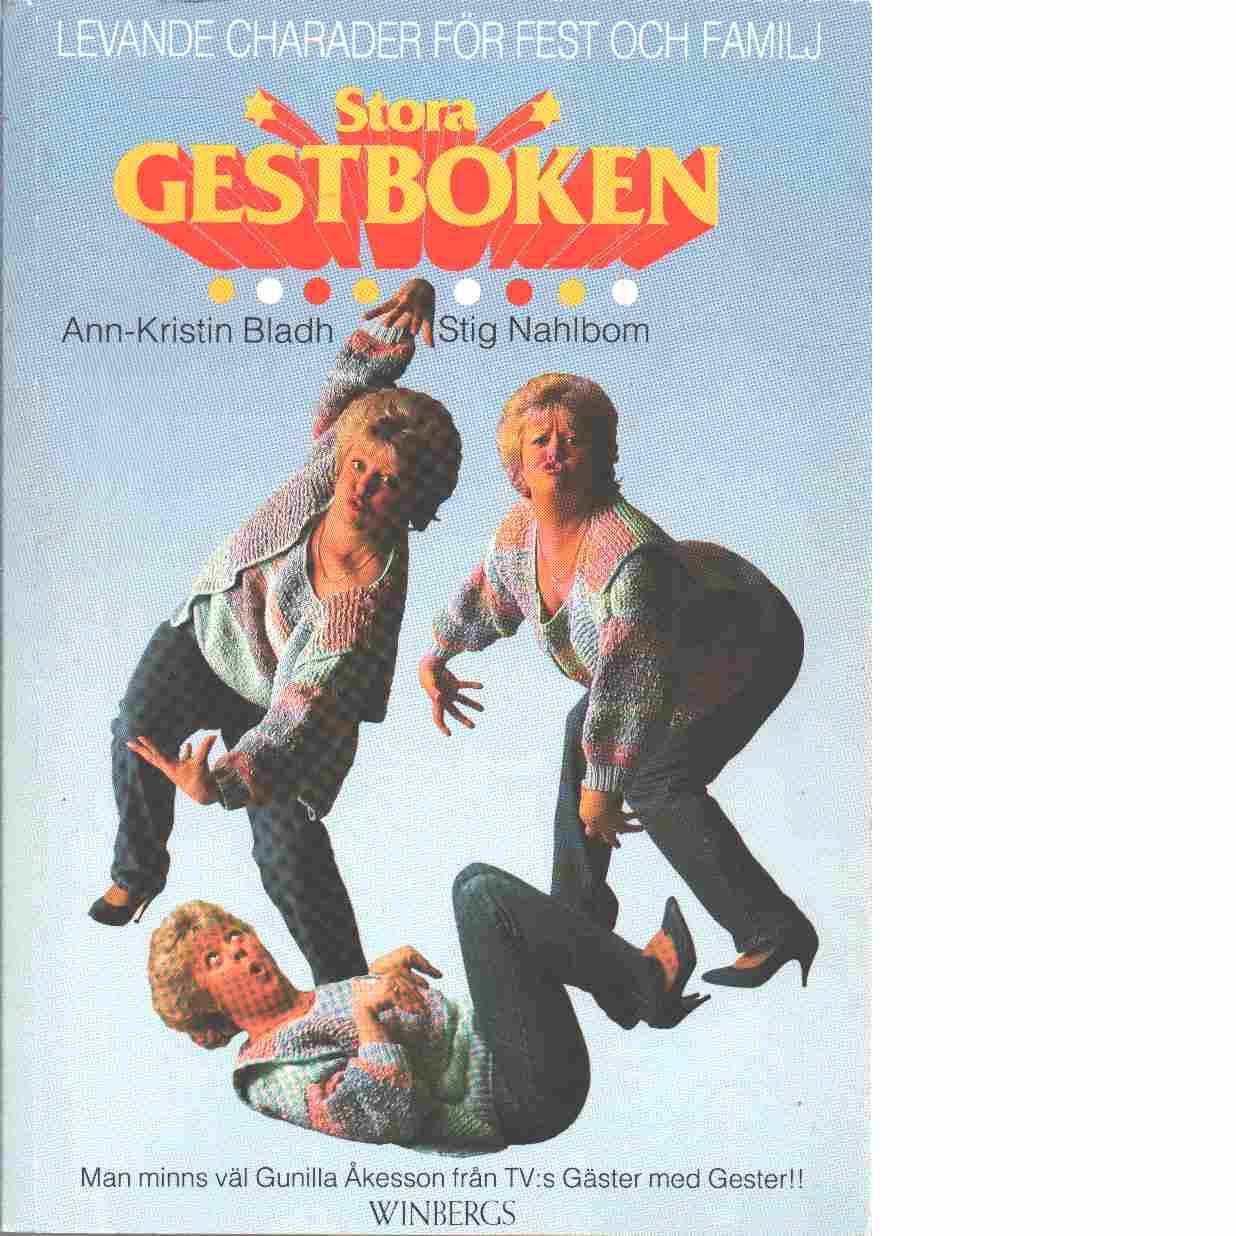 Stora gestboken : [levande charader för fest och familj] - Bladh, Ann-Kristin och Nahlbom, Stig